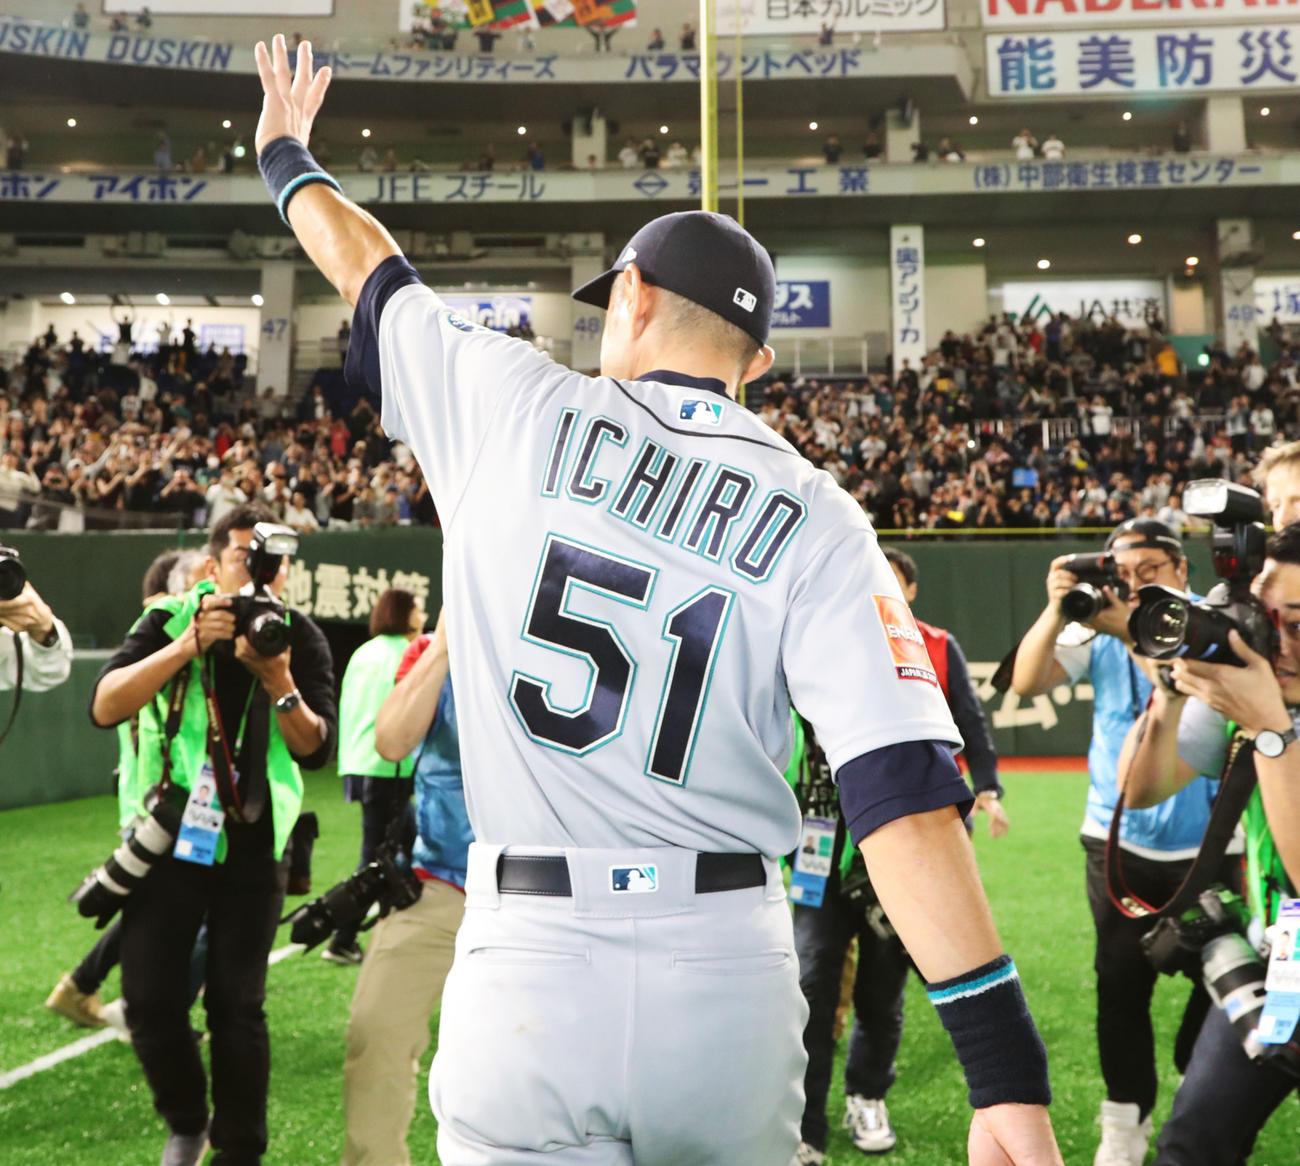 次の永久欠番候補、マリナーズはイチローらの51番 - MLB : 日刊スポーツ